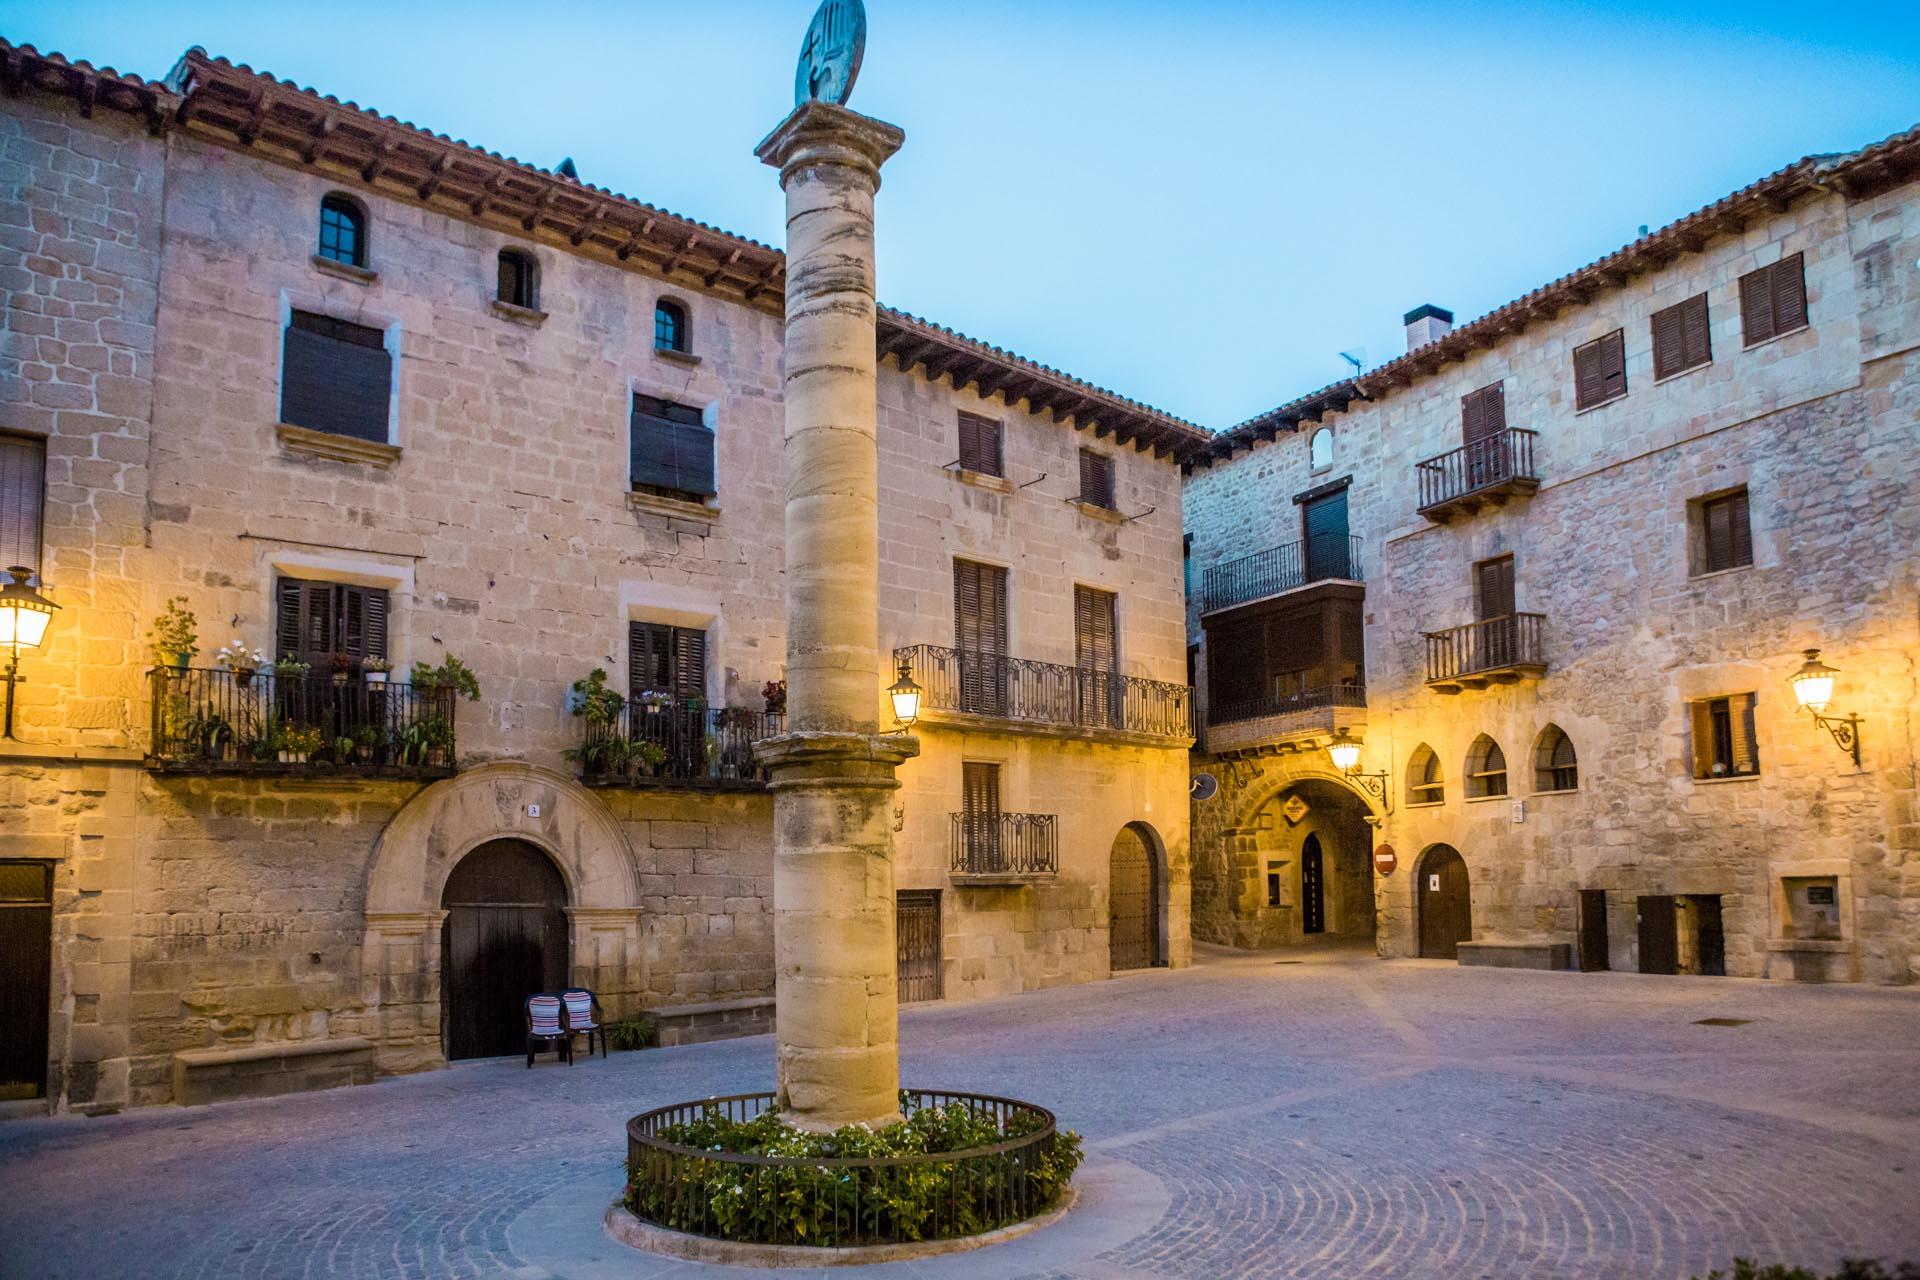 Pueblos De Teruel Mapa De Quemas En Aragon.Toscana Aragonesa La Ruta Que Hara Que Te Enamores Del